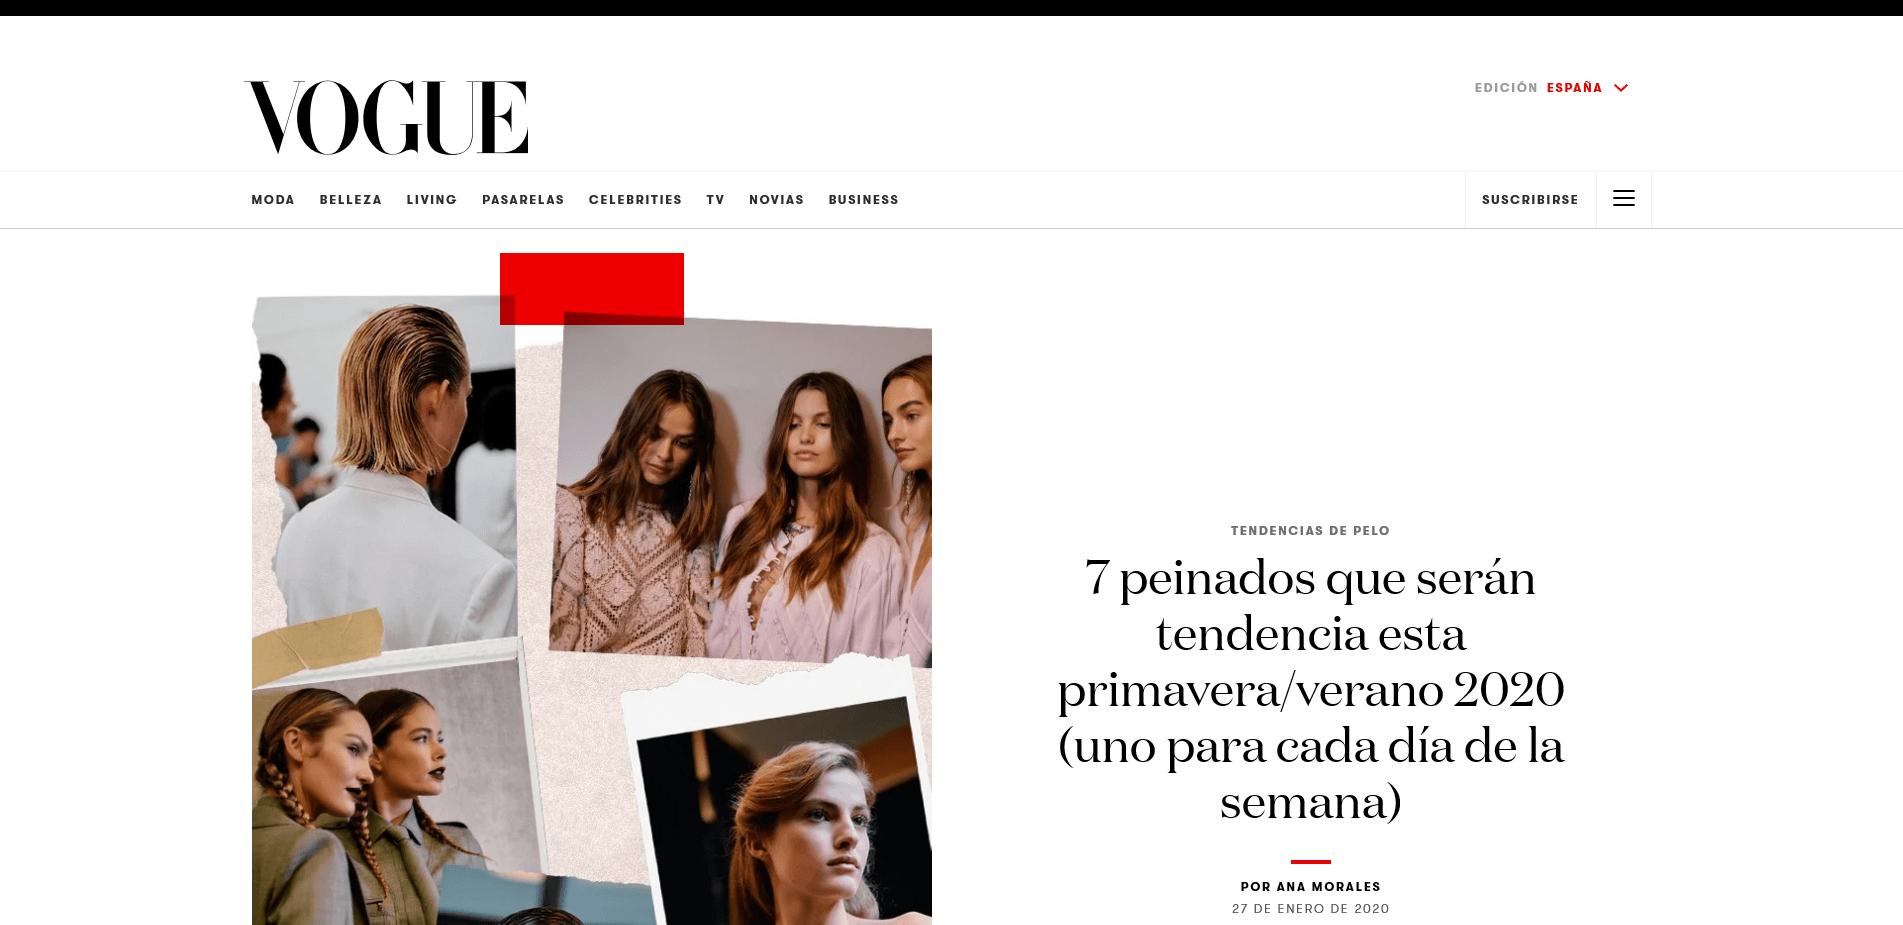 Peluqueria Vigo Sirope 7 peinados que serán tendencia esta primavera verano 2020 (uno para cada día de la semana)